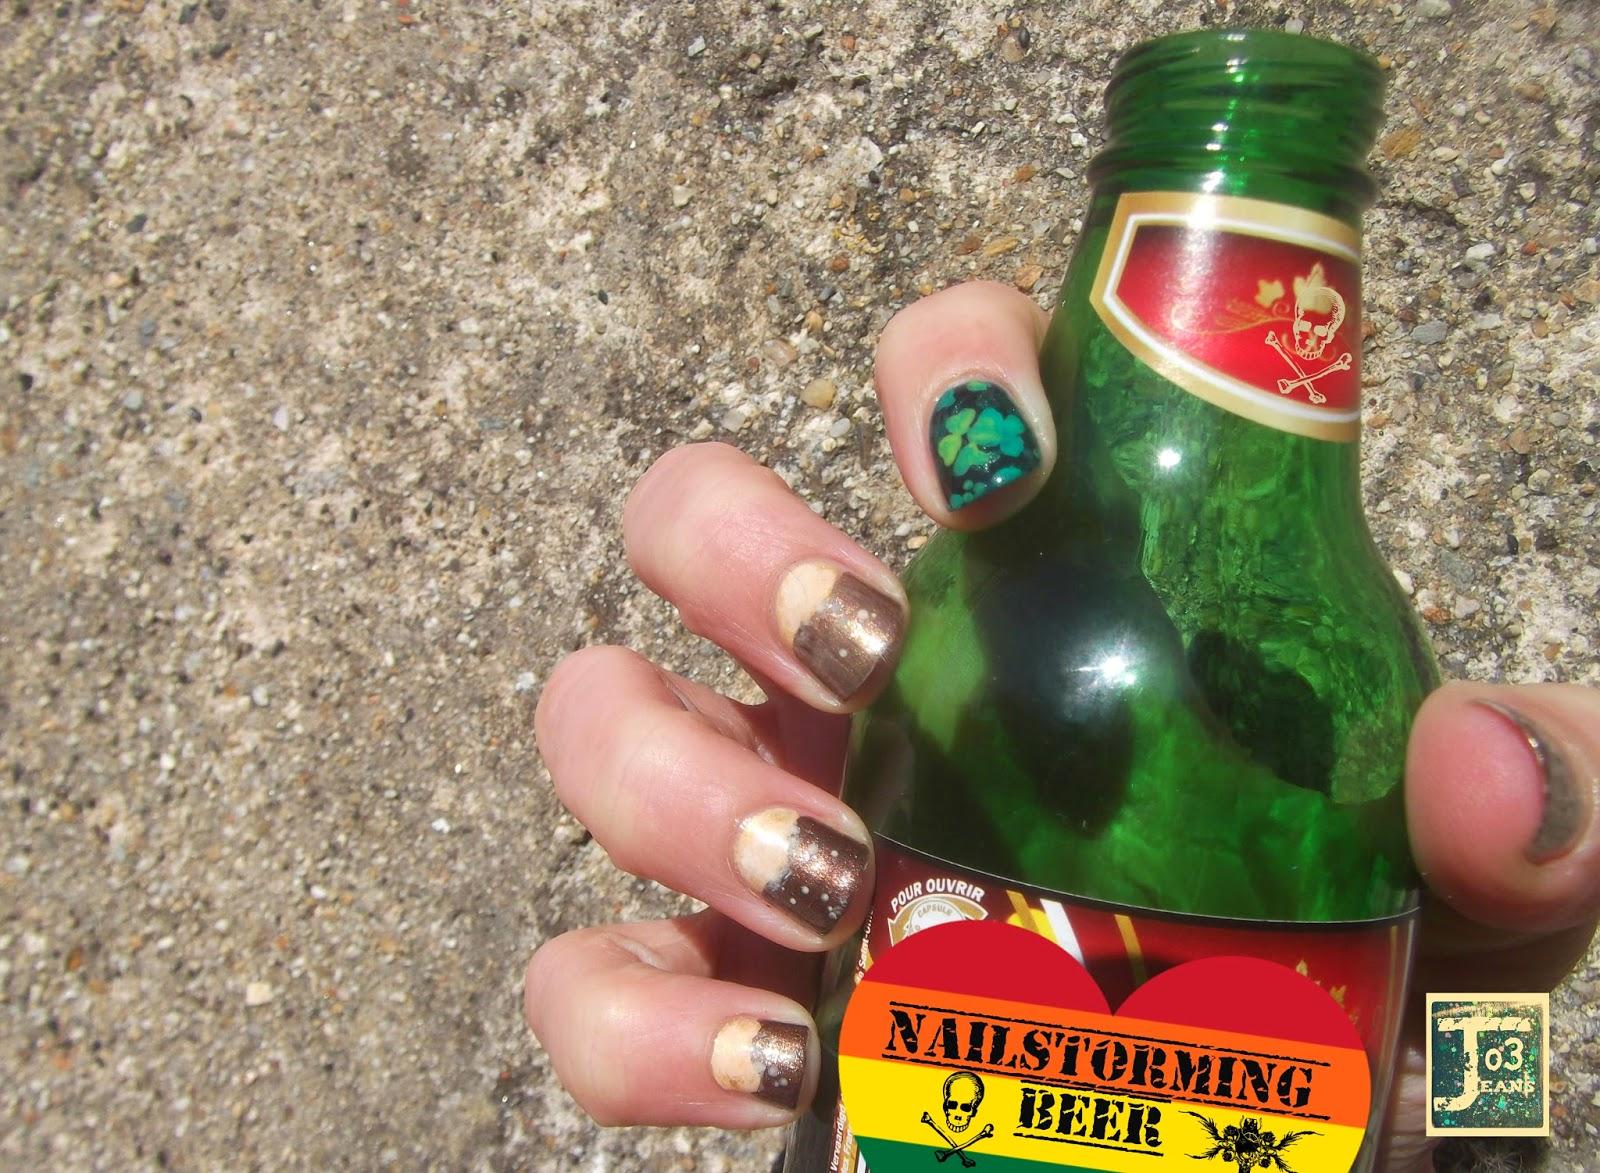 nailstorming beer,